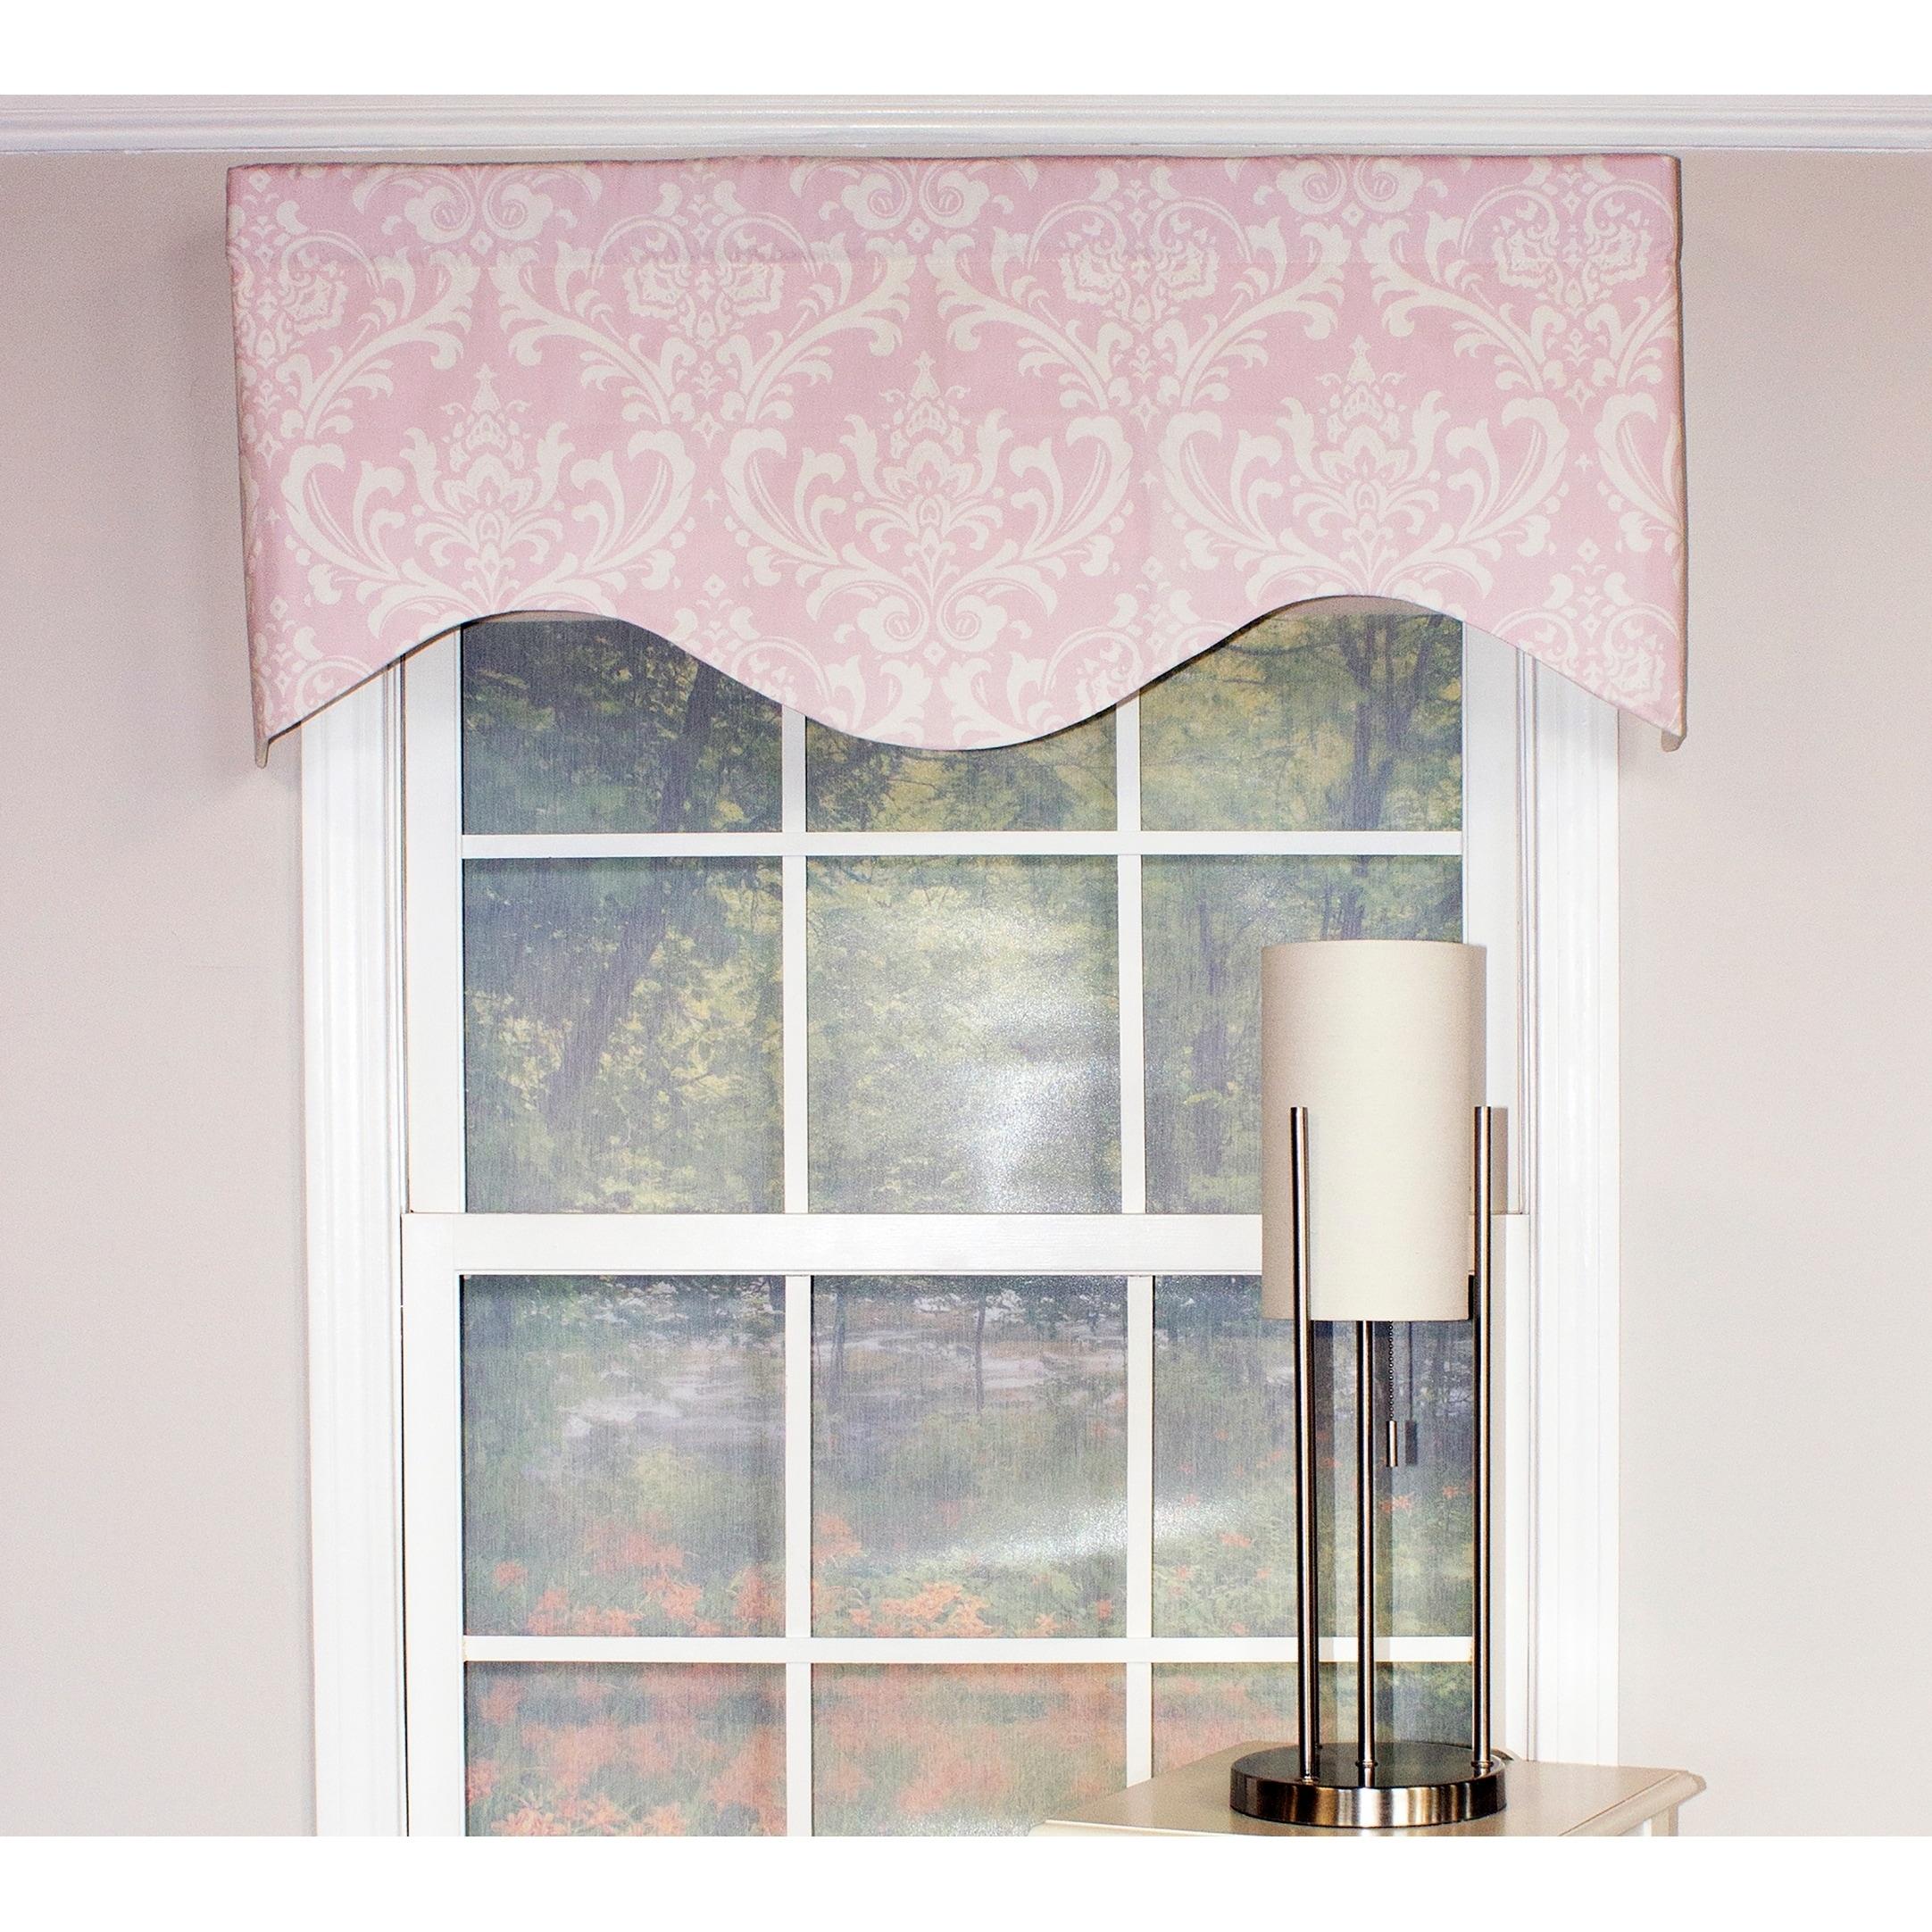 Rlf Home Ozbourne 50 Inch Window Valance Overstock 22407948 Pink Cornice